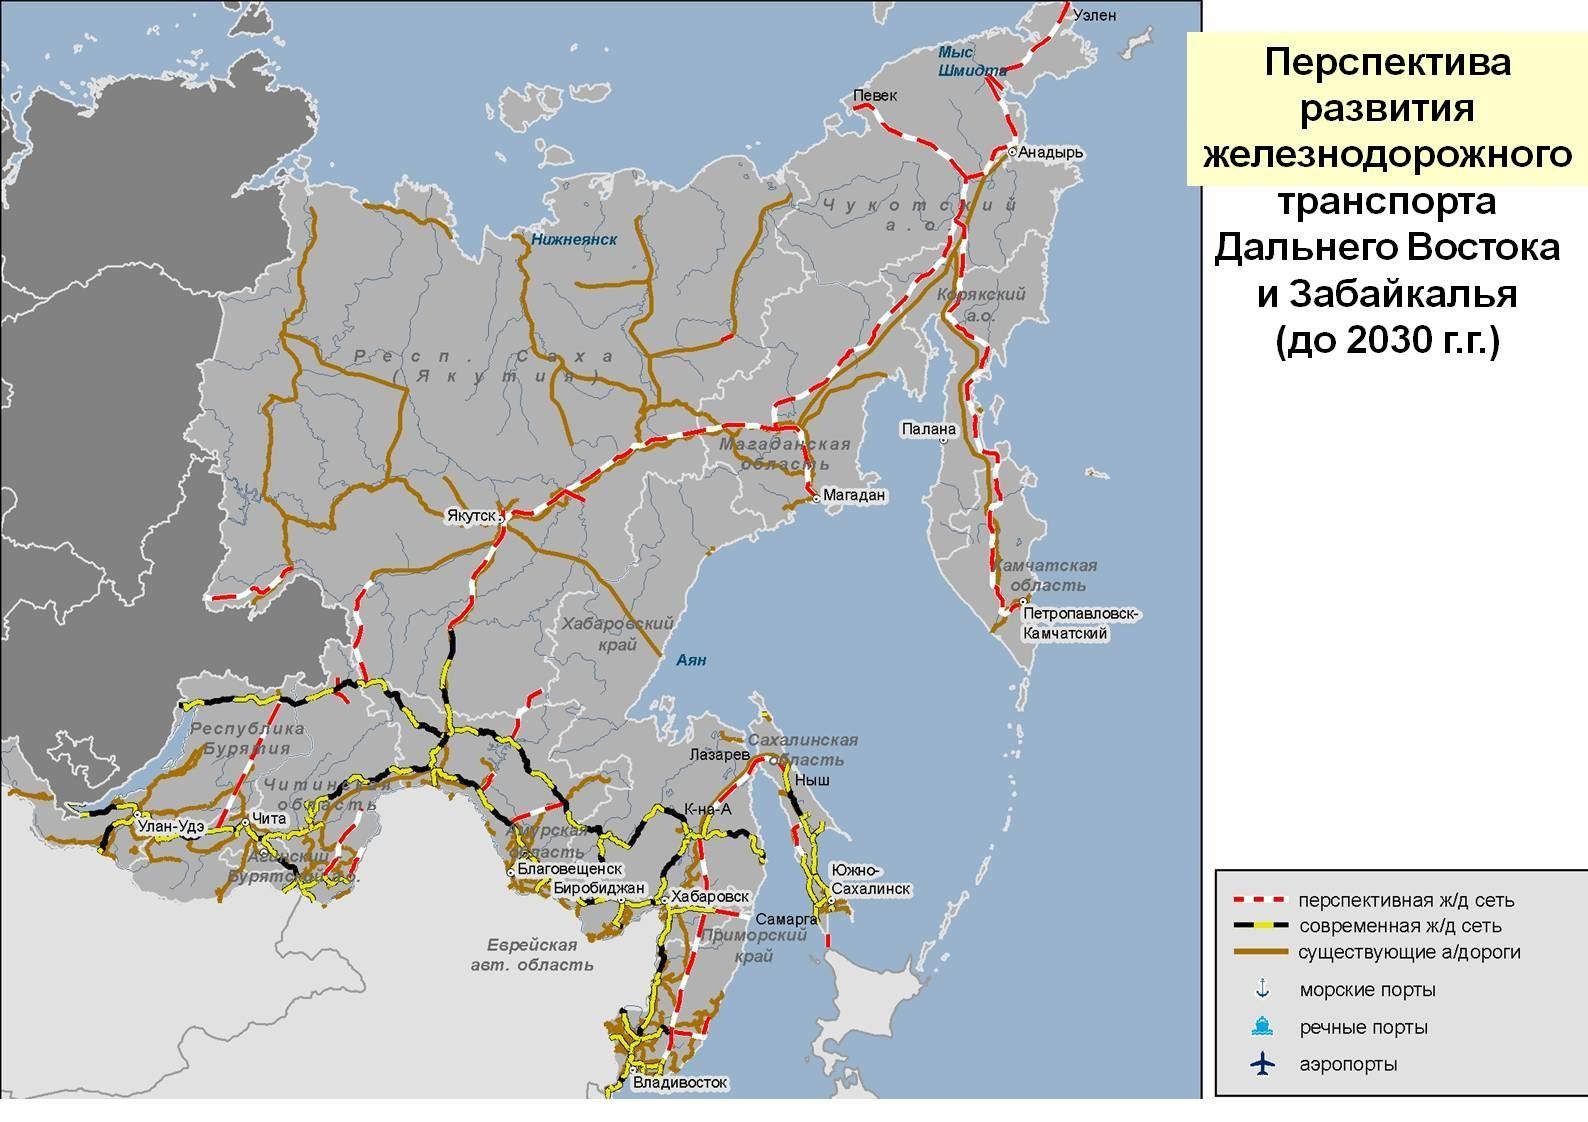 Схема южных железных дорог